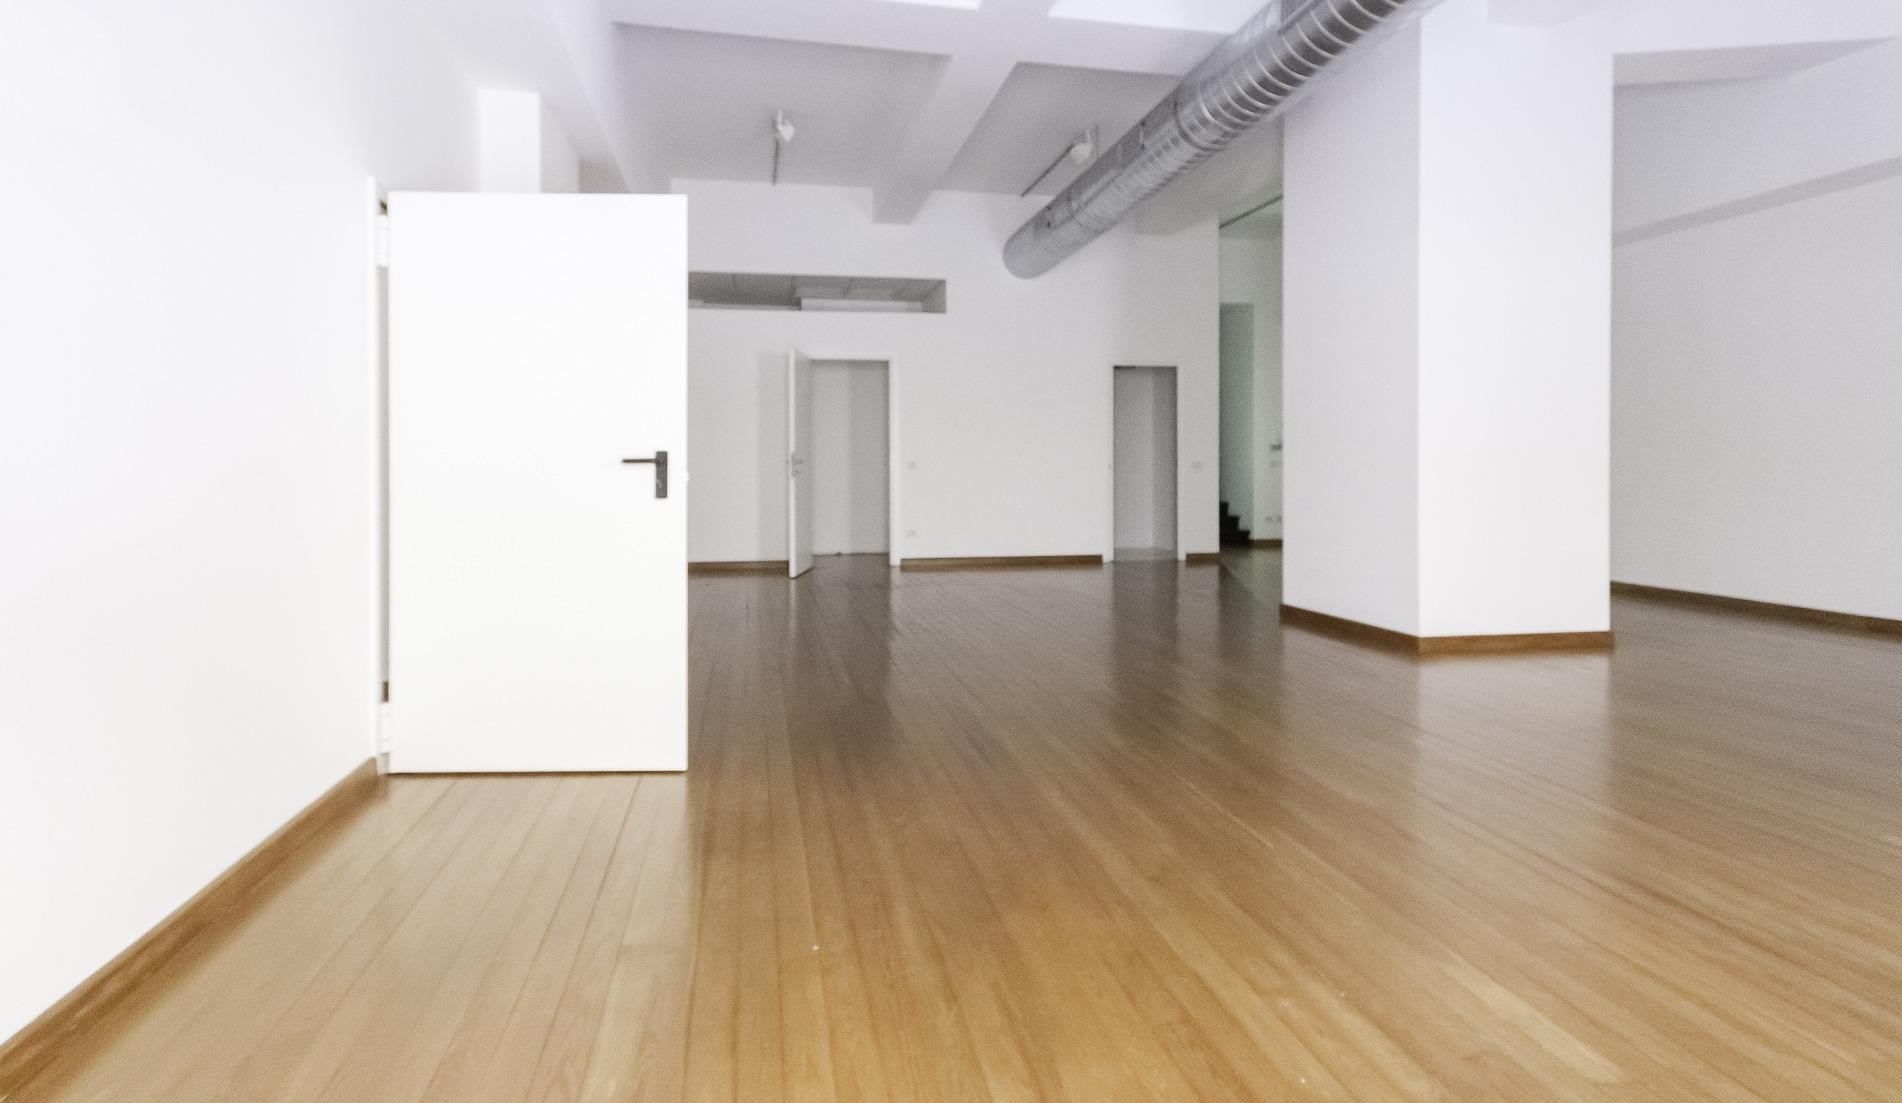 Milano - Via Mazzini - Negozio 3 vetrine - KM Real Estate